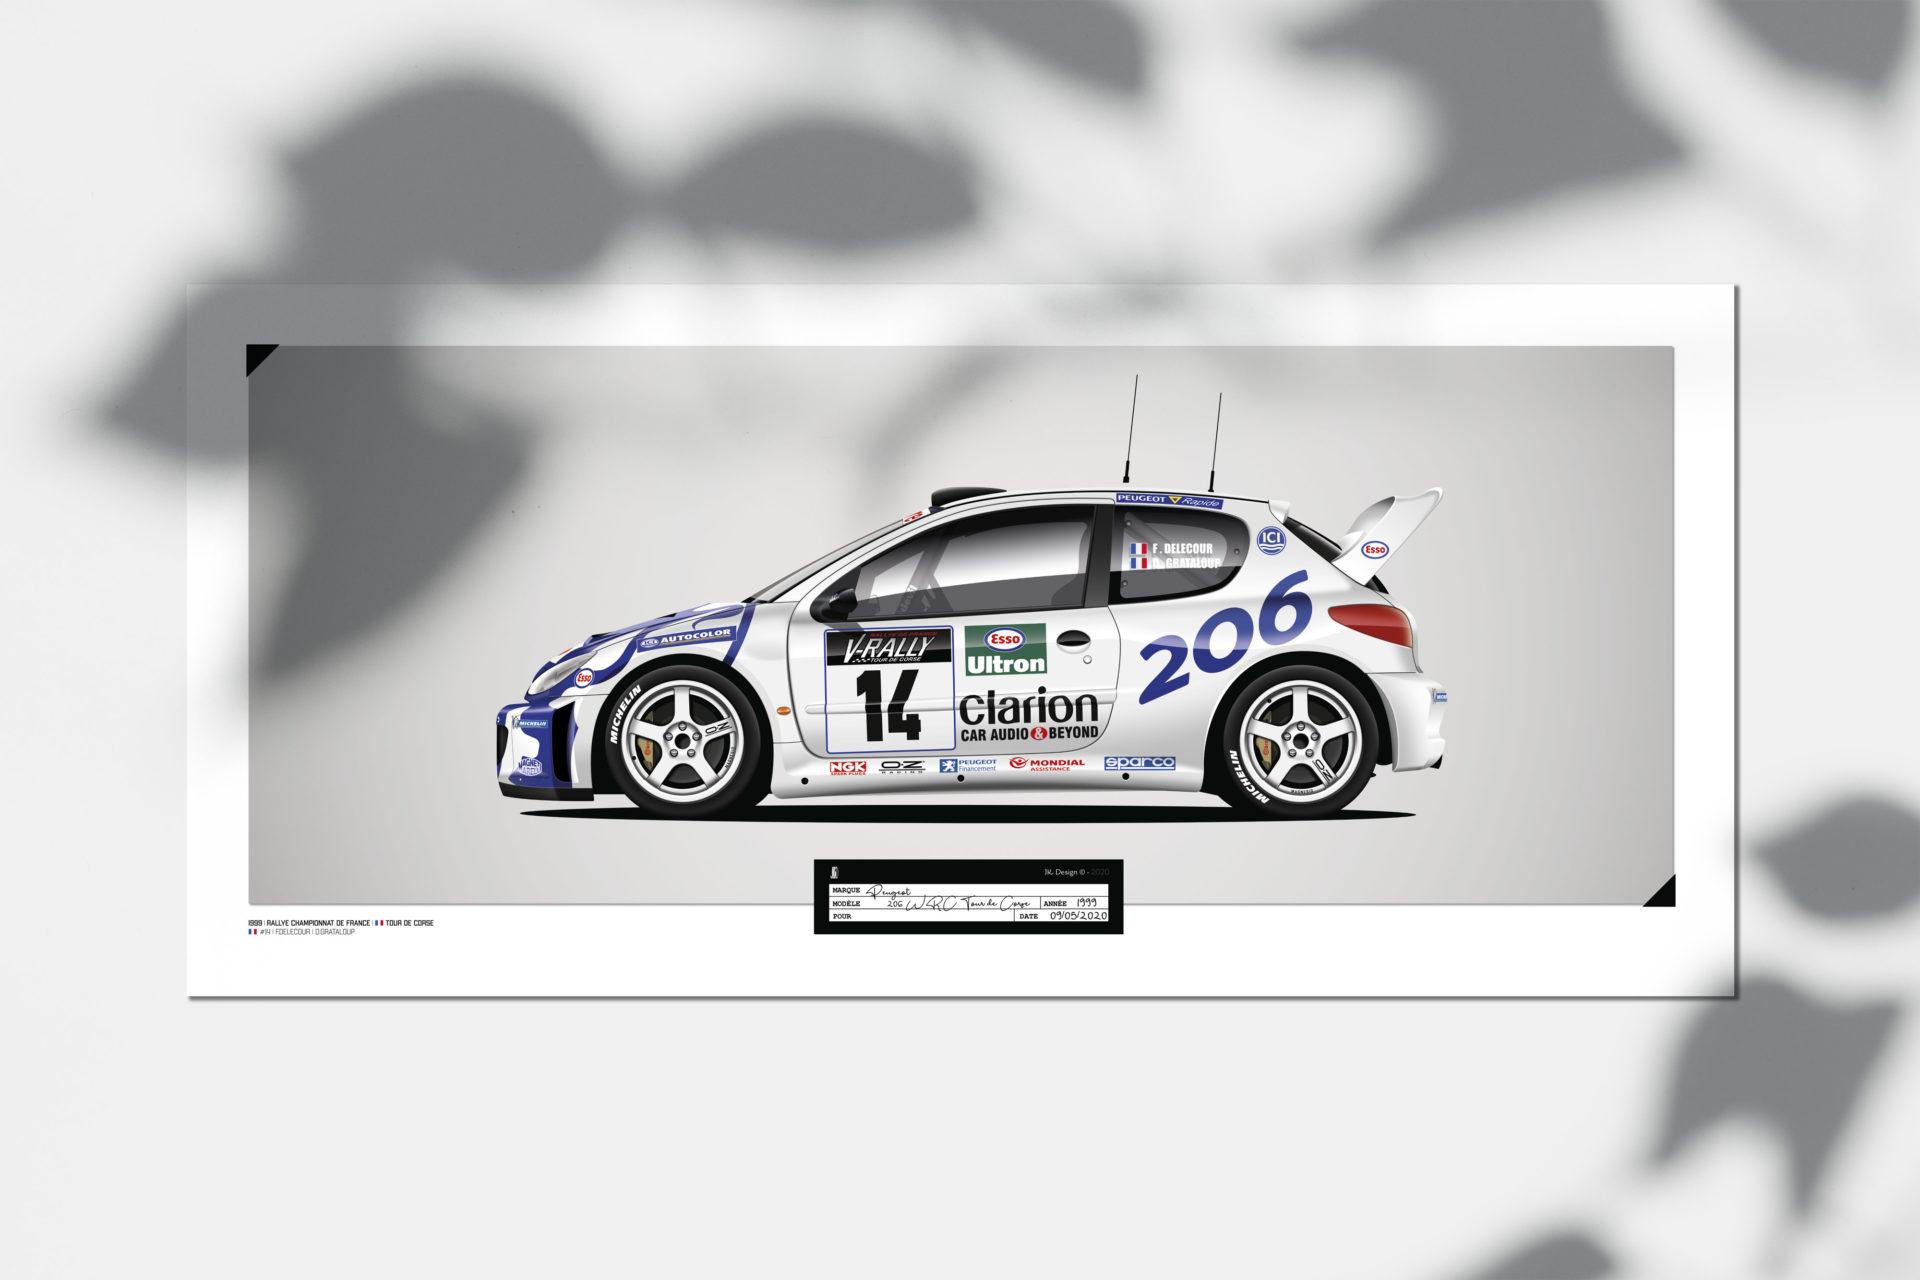 Jk Design - 206 WRC - 29